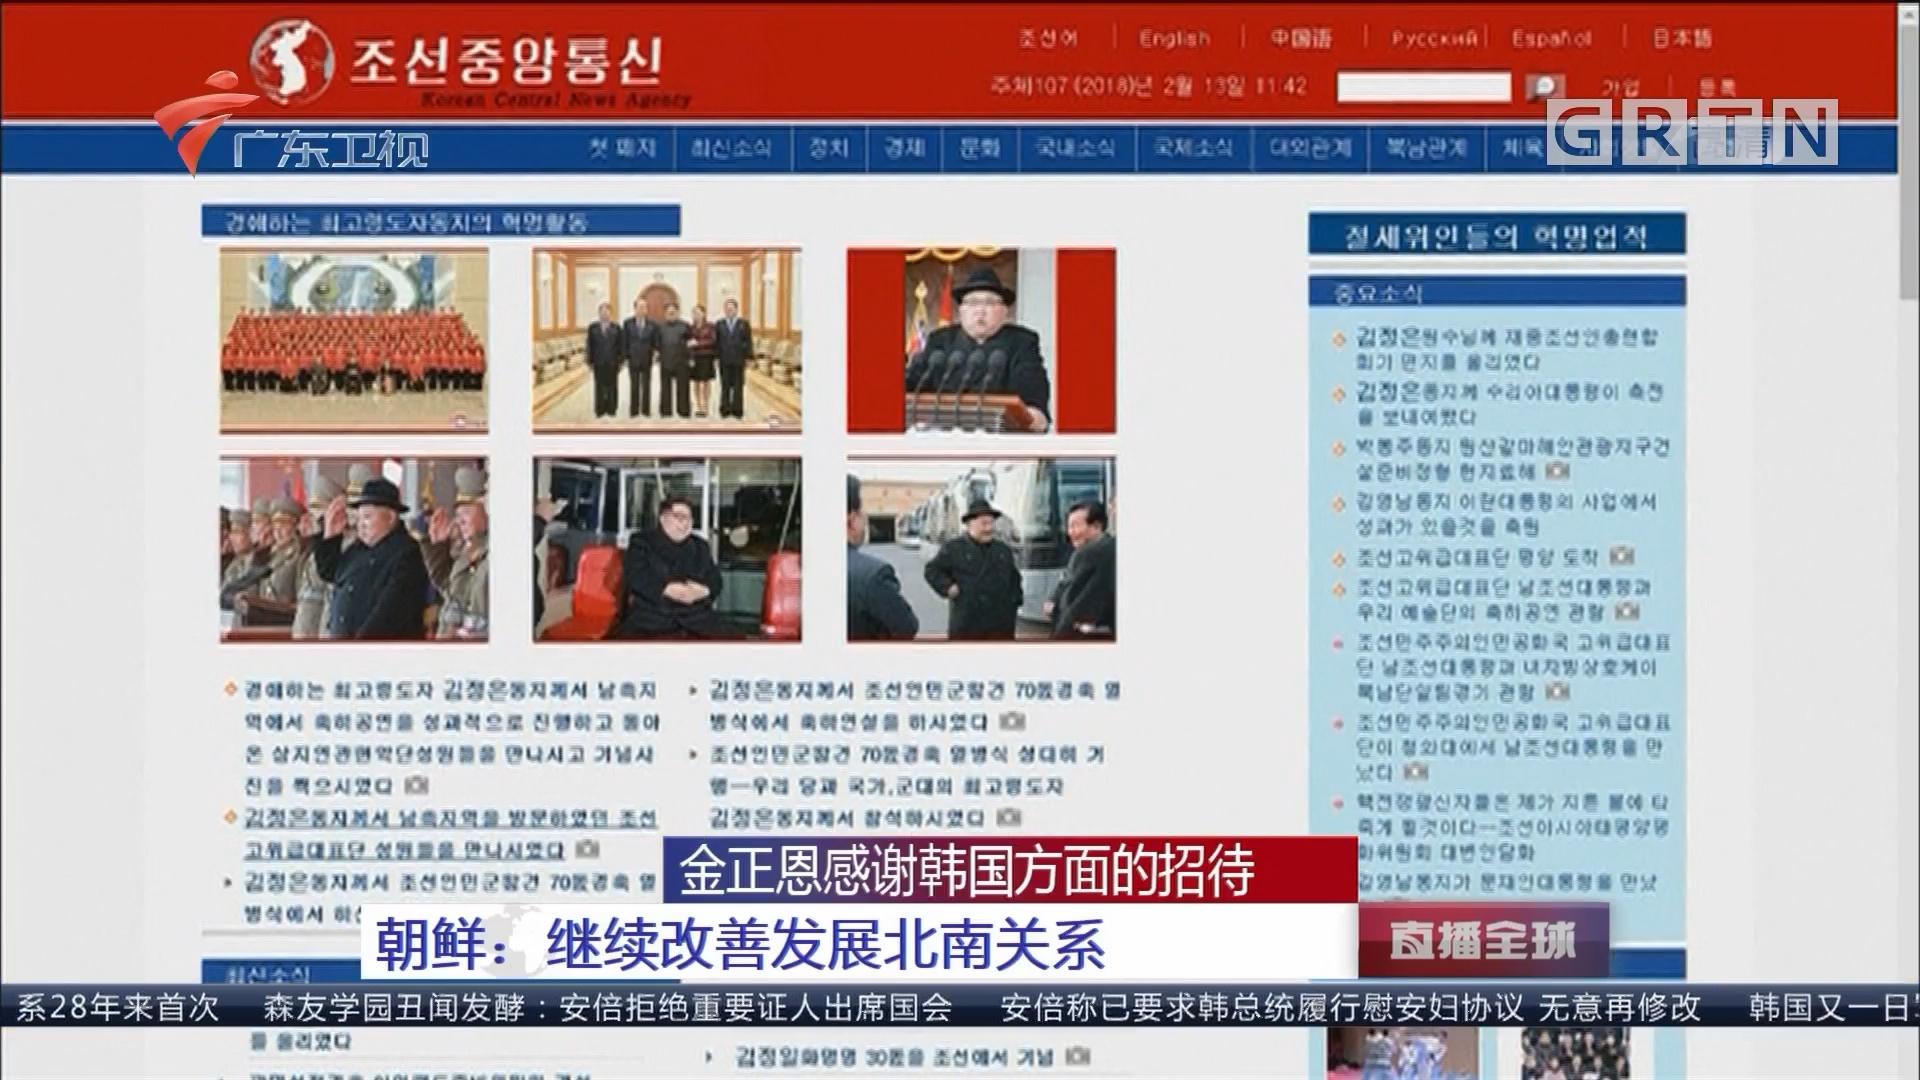 金正恩感谢韩国方面的招待 朝鲜:继续改善发展北南关系